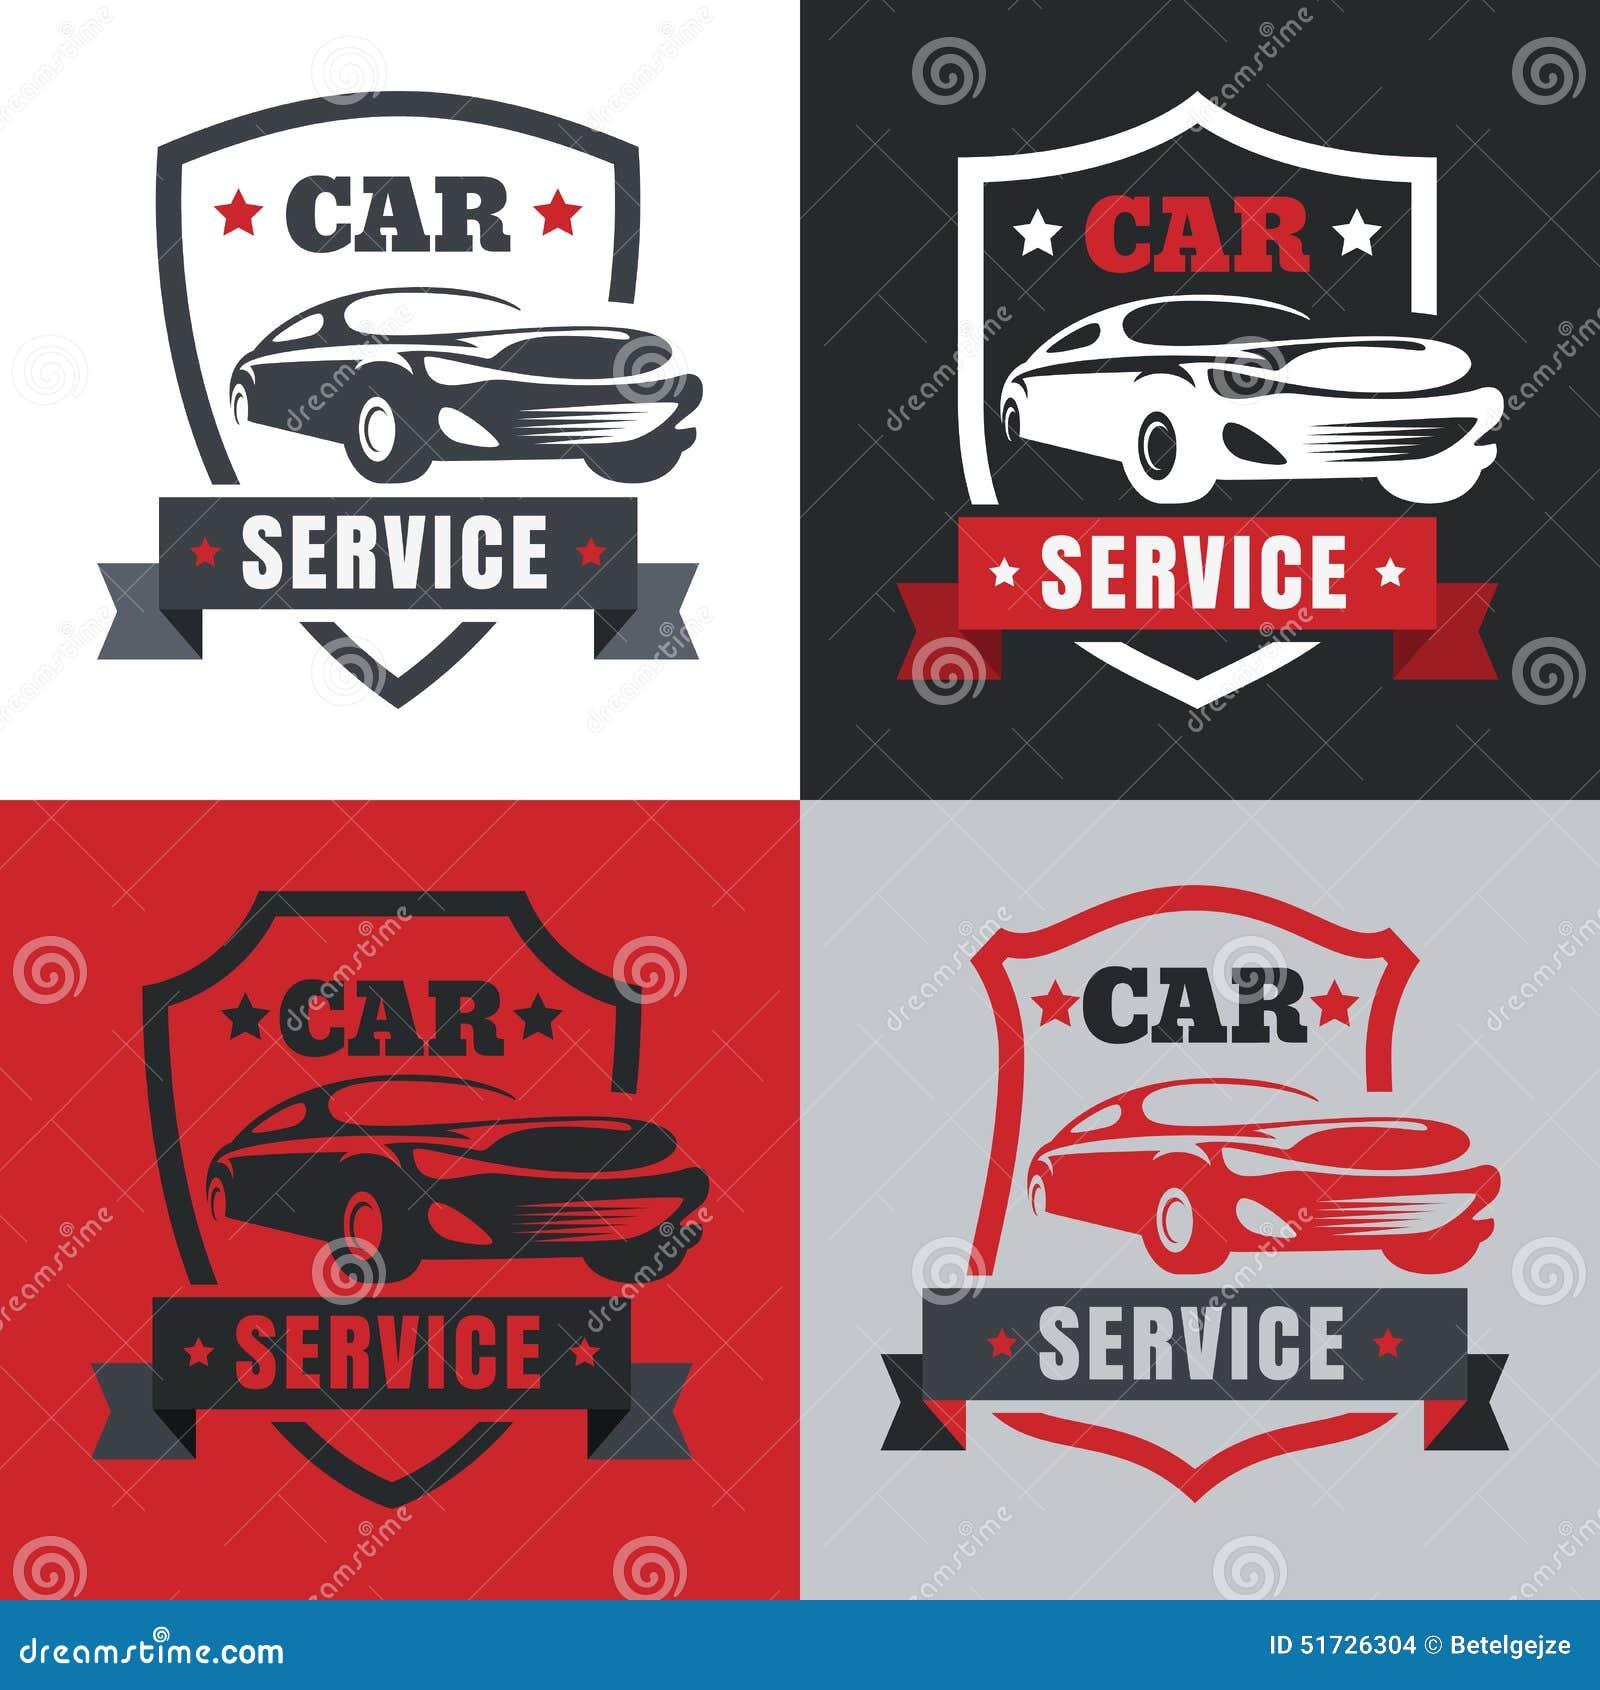 Set Of Vintage Style Car Service Label. Vector Logo Design